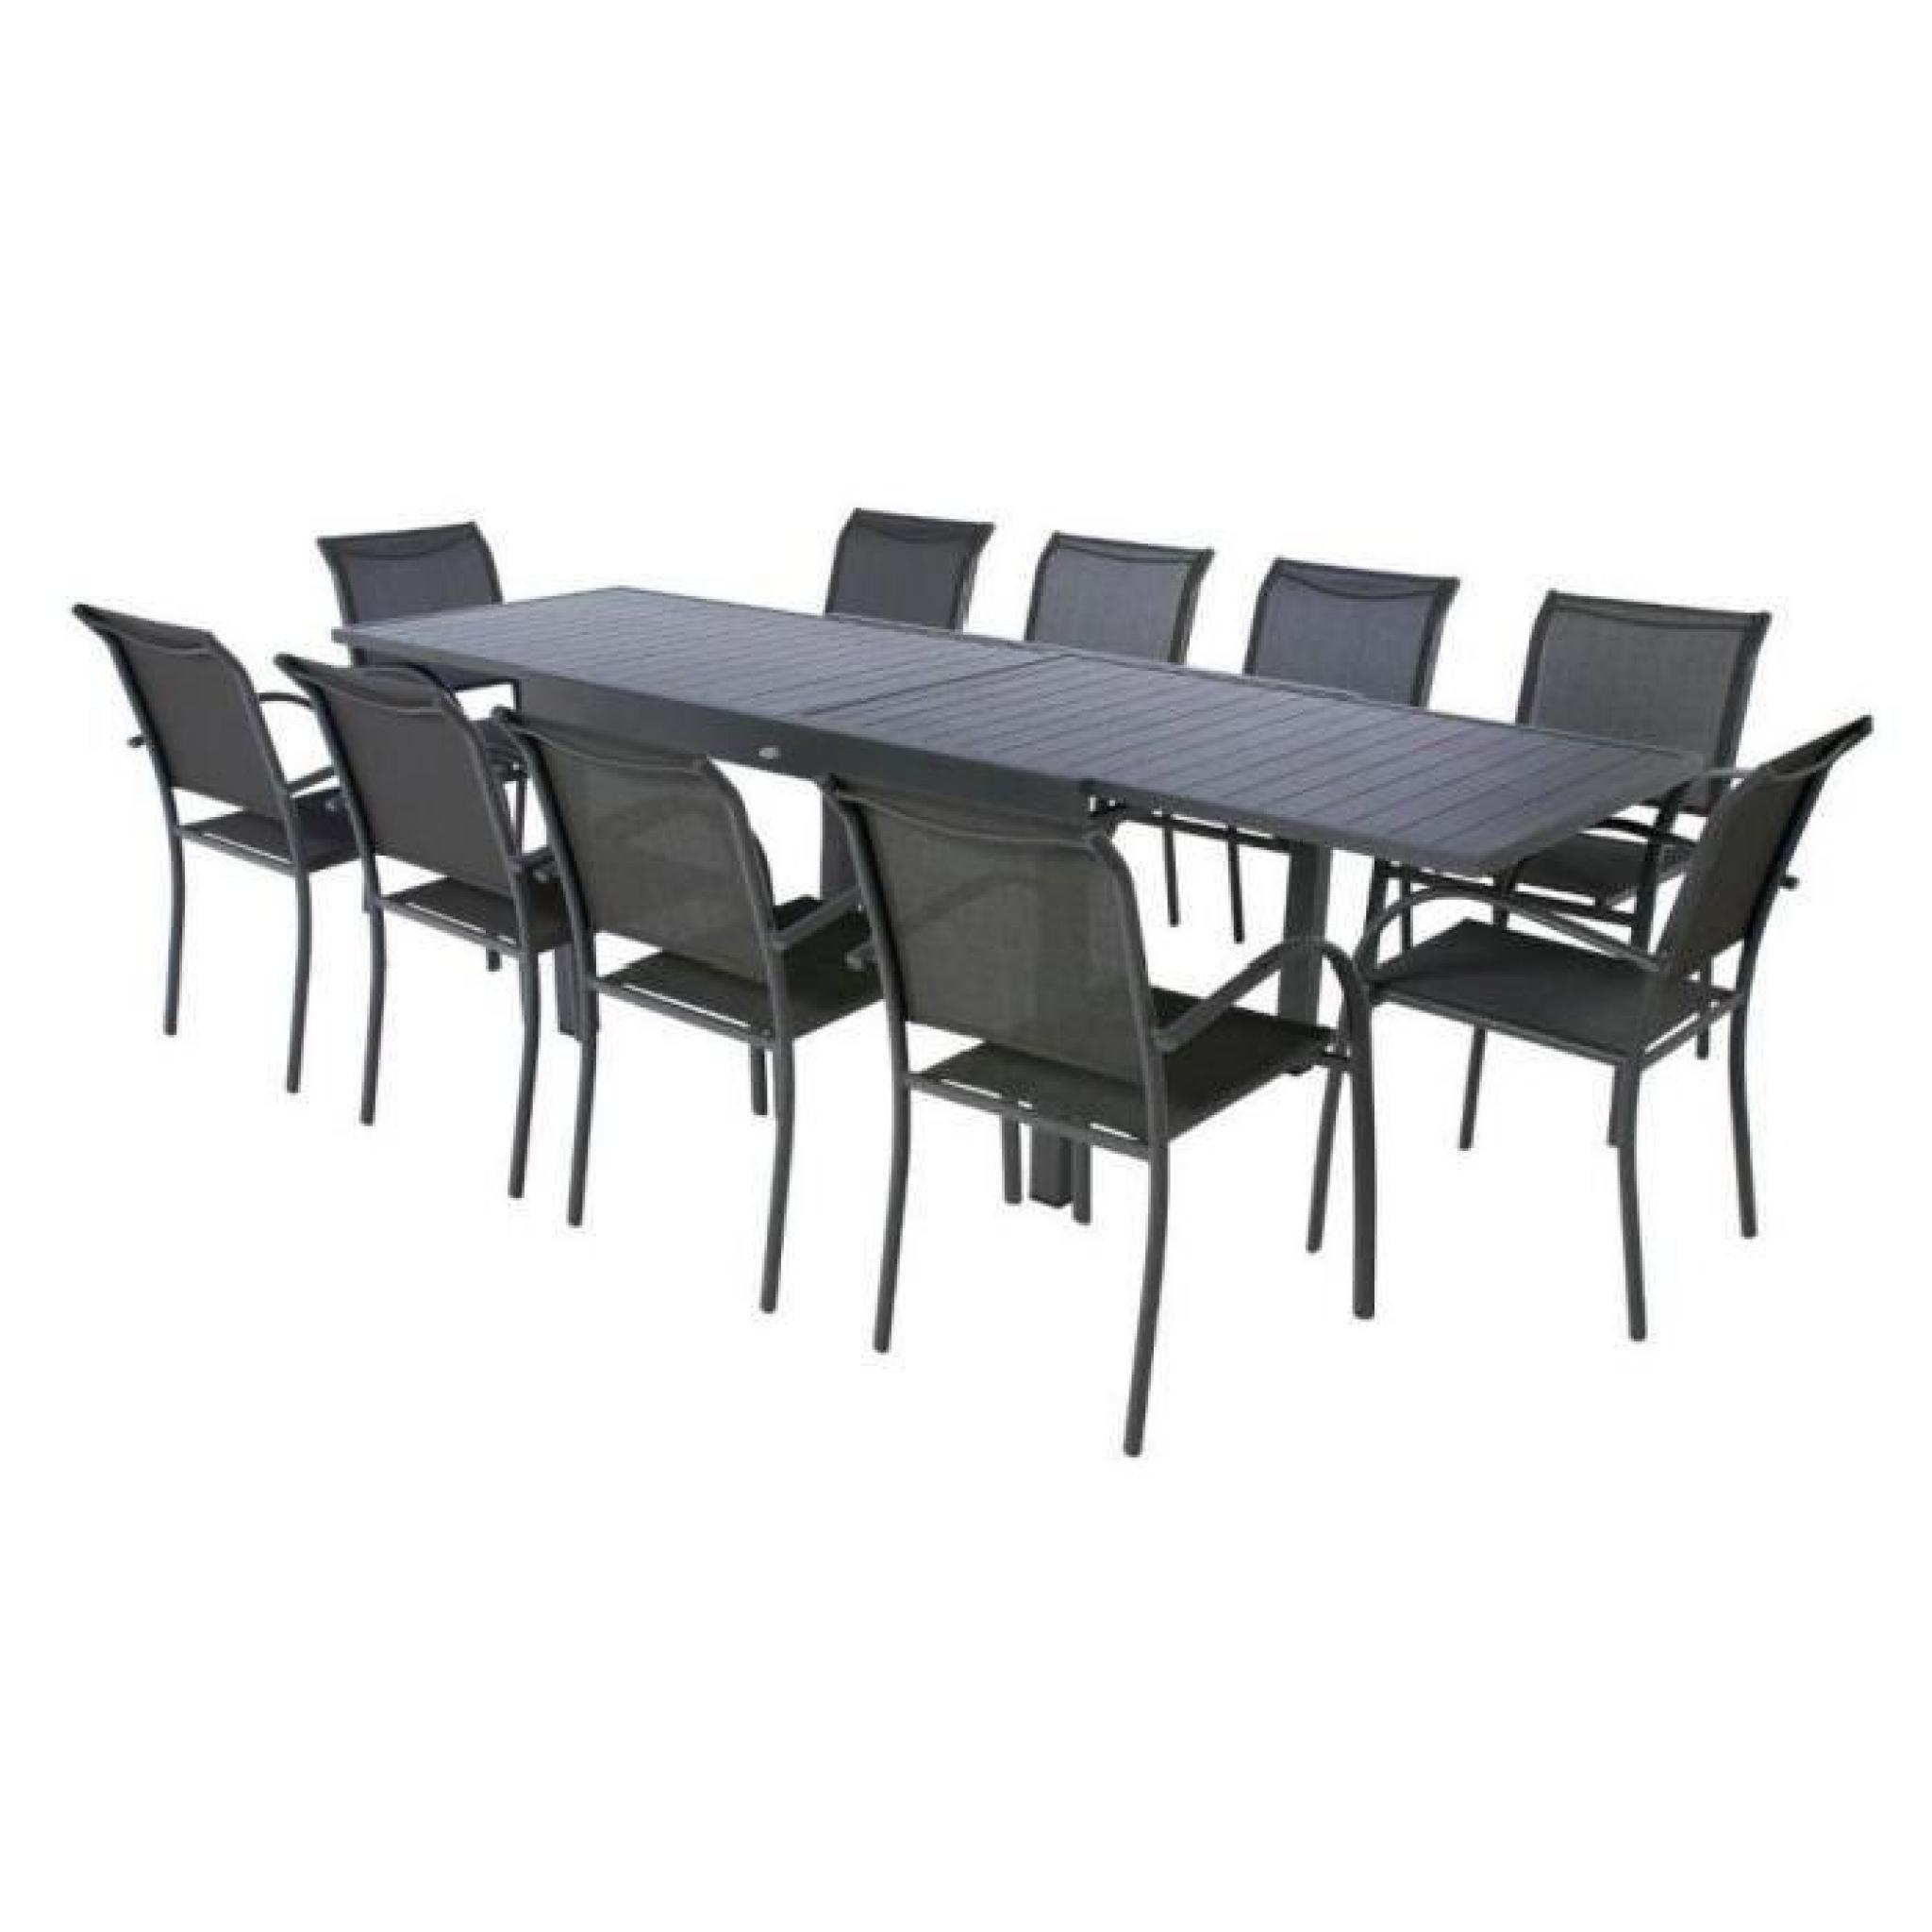 Table De Jardin Piazza   Table De Jardin Hespéride Piazza 4 6 Places ... 26da898623fe